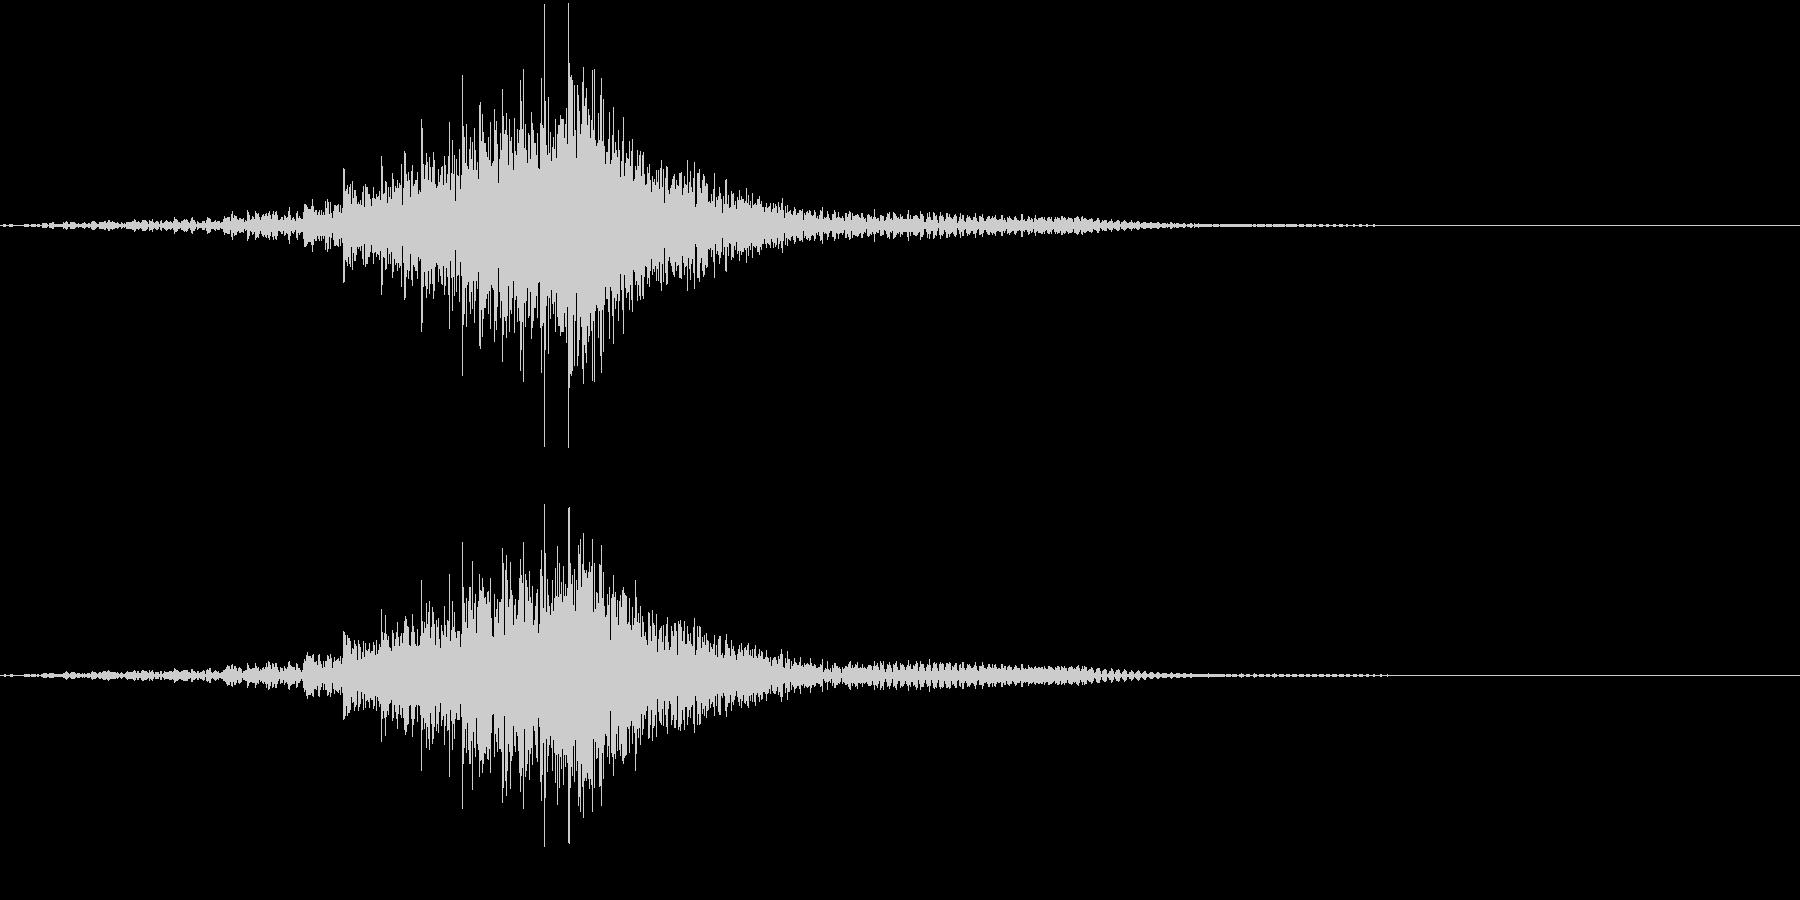 重低音ティンパニのロール トレモロの未再生の波形